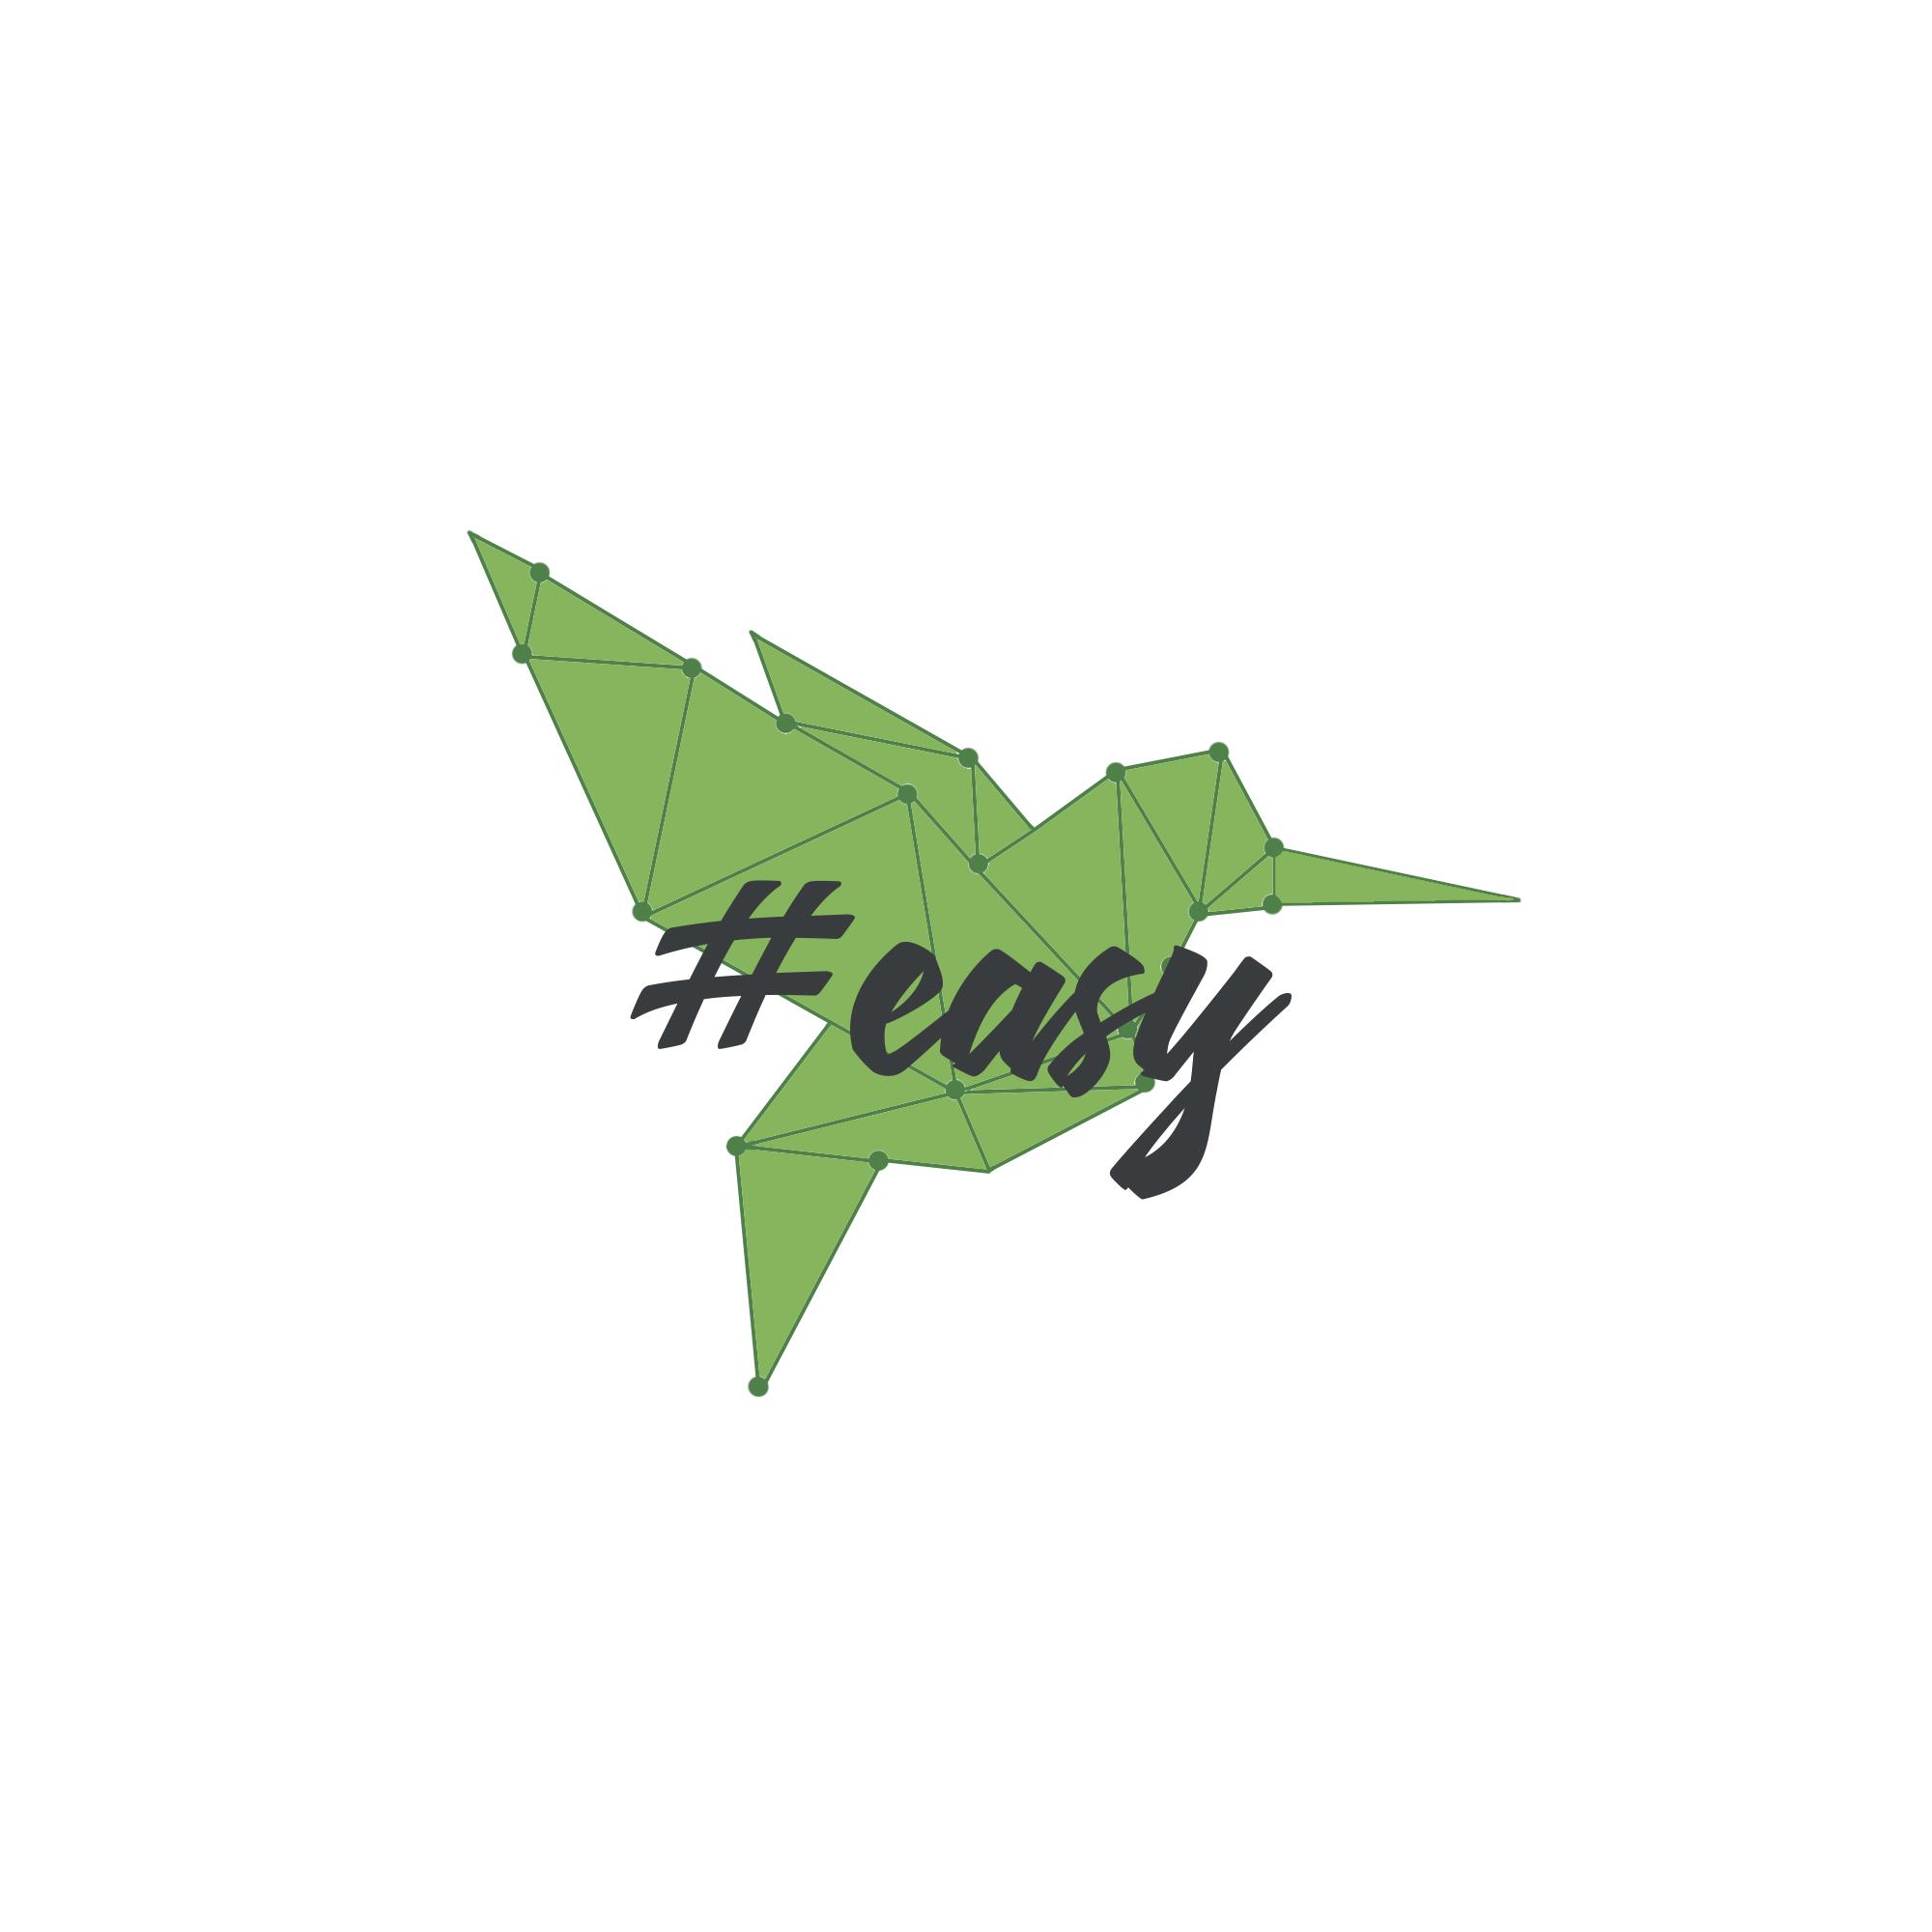 Разработка логотипа в виде хэштега #easy с зеленой колибри  фото f_6015d4f1cc1467ca.jpg